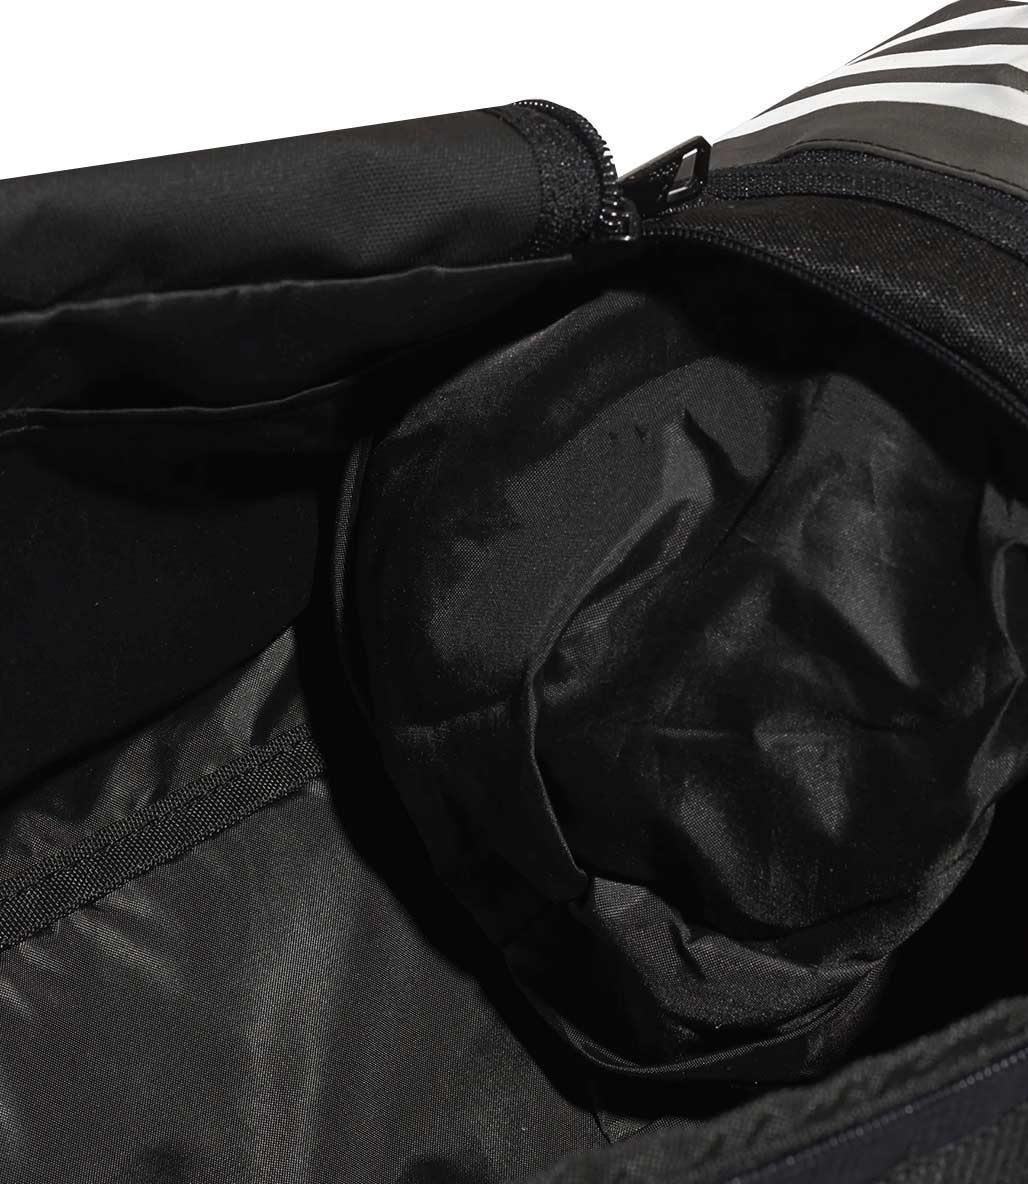 Adidas 3 Bantlı Dönüşebilen Duffel Küçük Boy Çanta Siyah